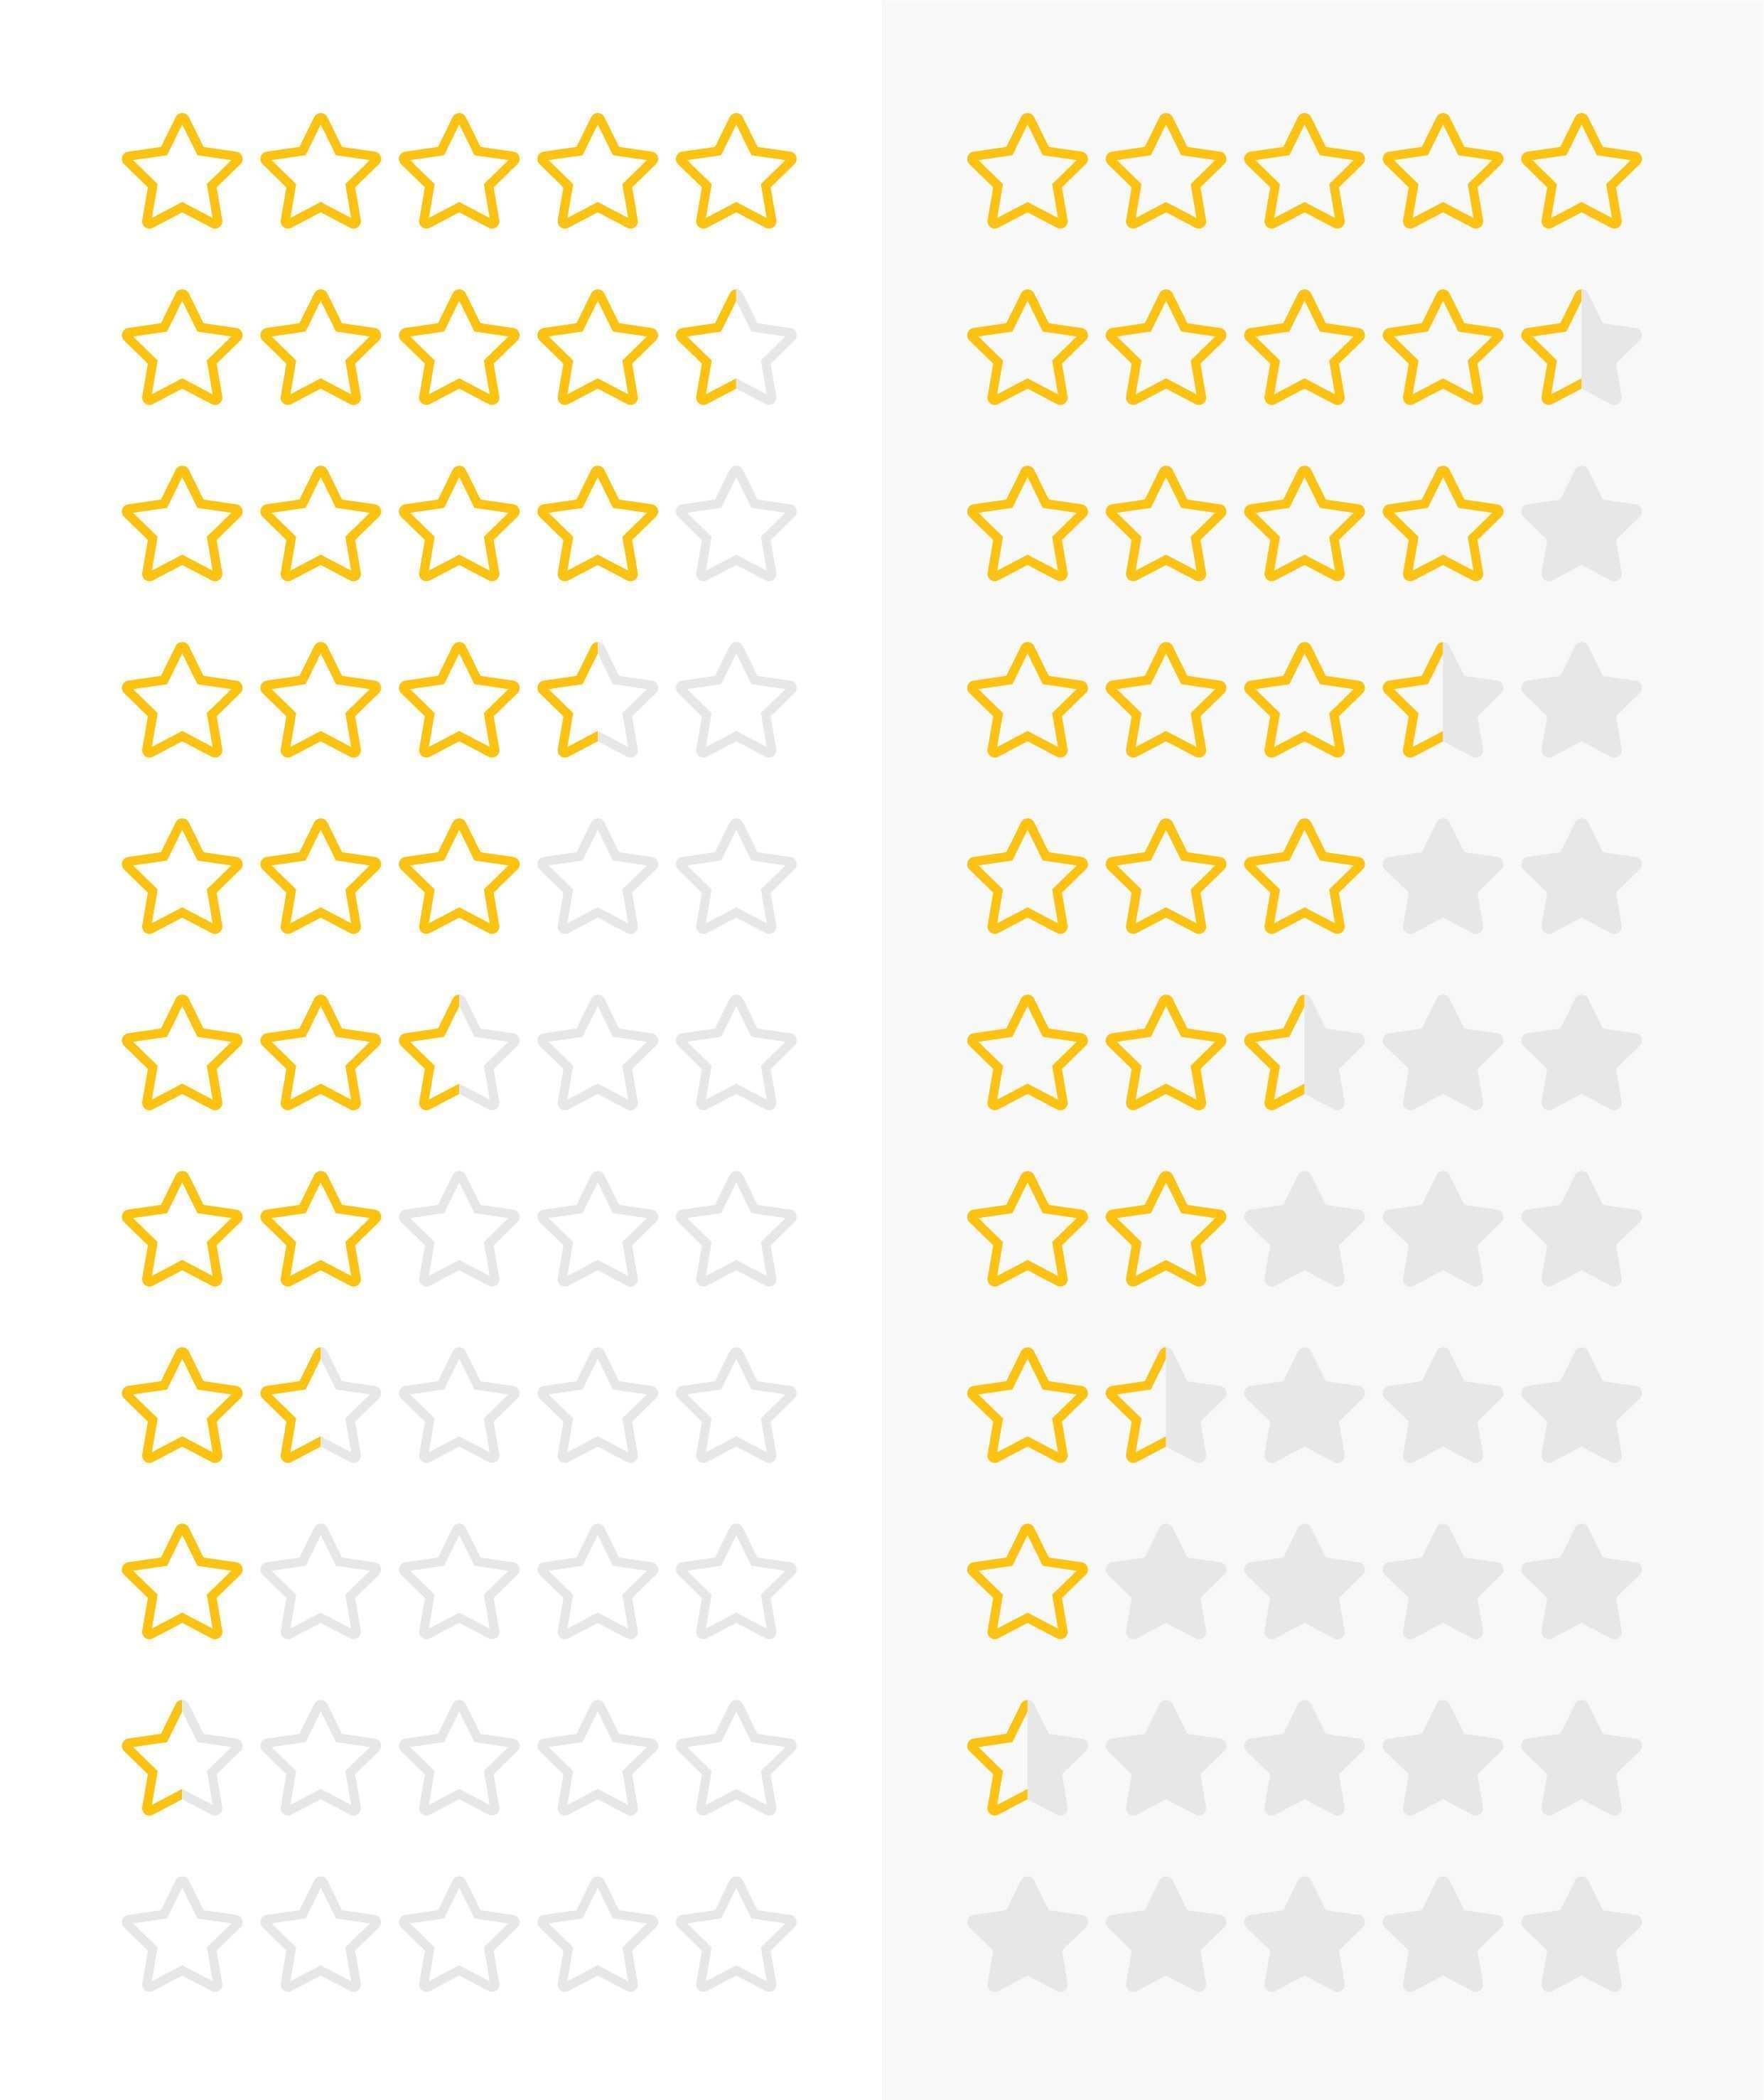 Vorlagen Fur Die Sterne Bewertung Auf Webseiten Und Zur Illustration Designvorlagen Vorlagen Produktbroschure